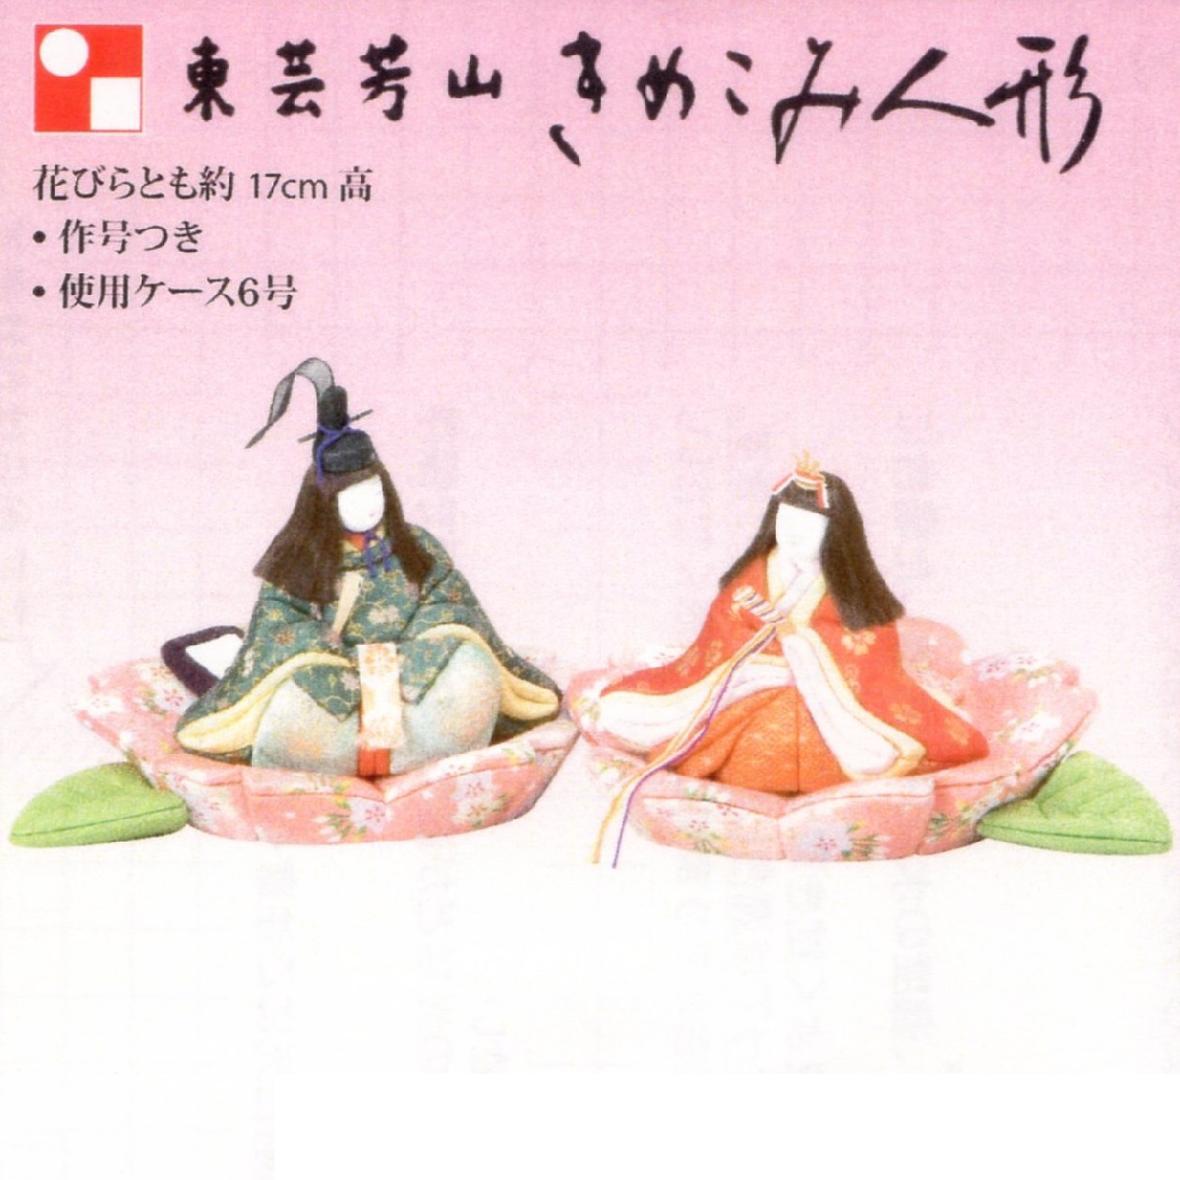 東芸 木目込人形キット「桜花親王」 H807-06 手作り キット 雛人形 桃の節句